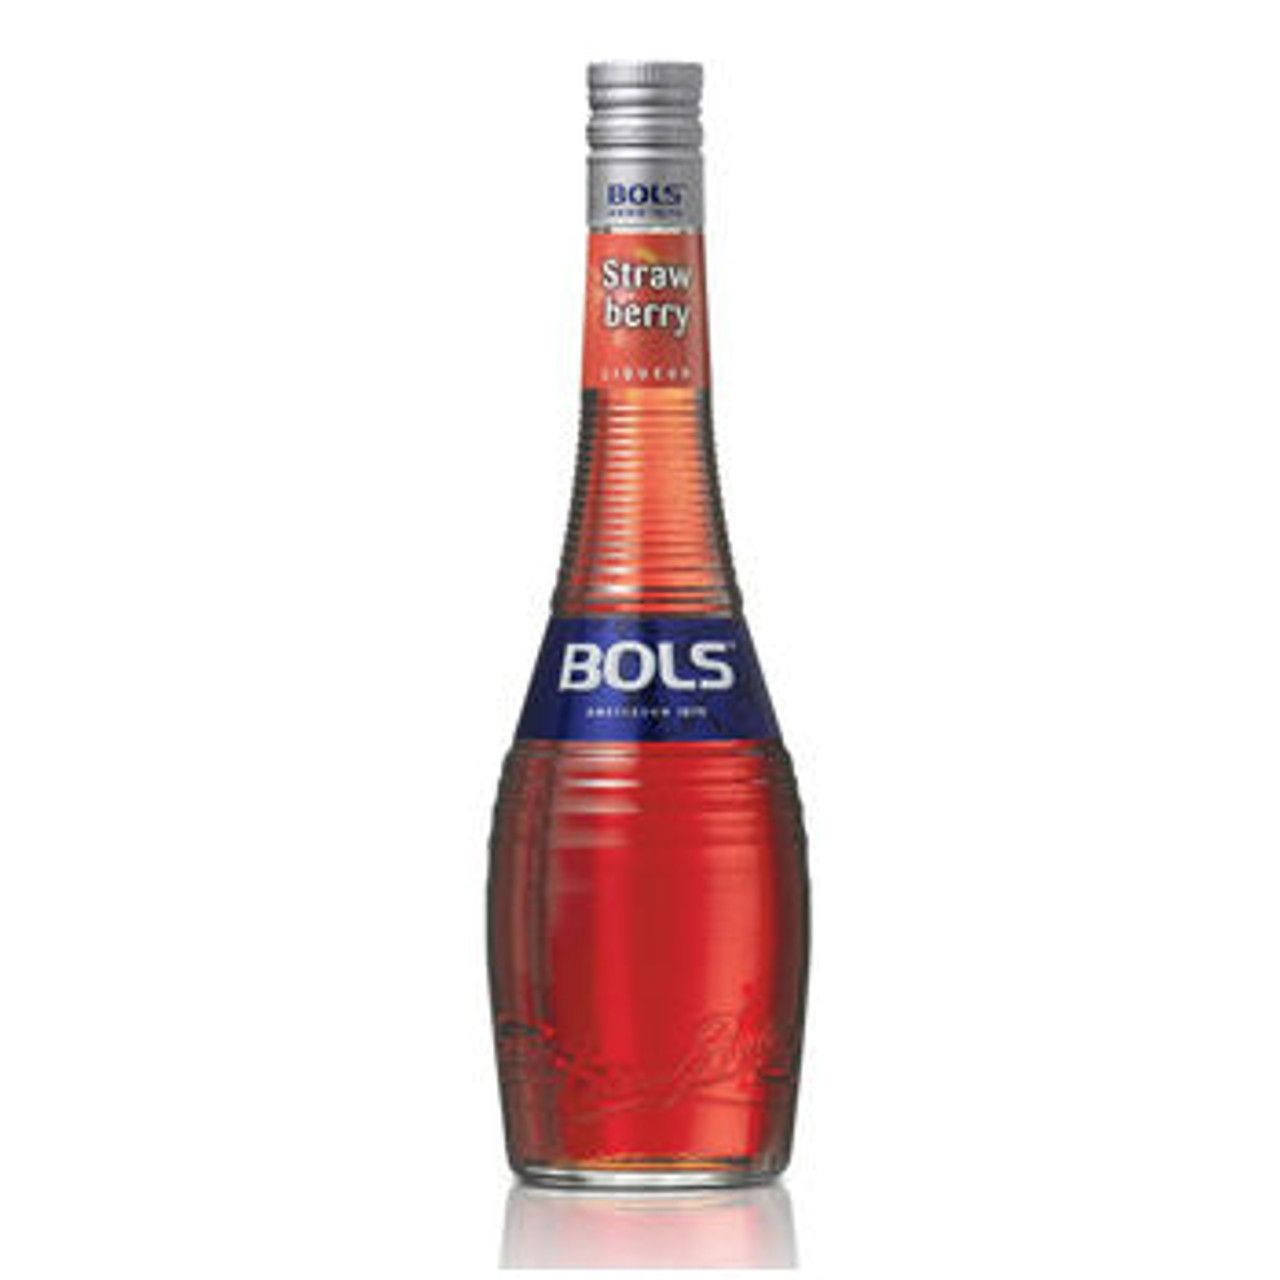 Bols Strawberry Liqueur 1L